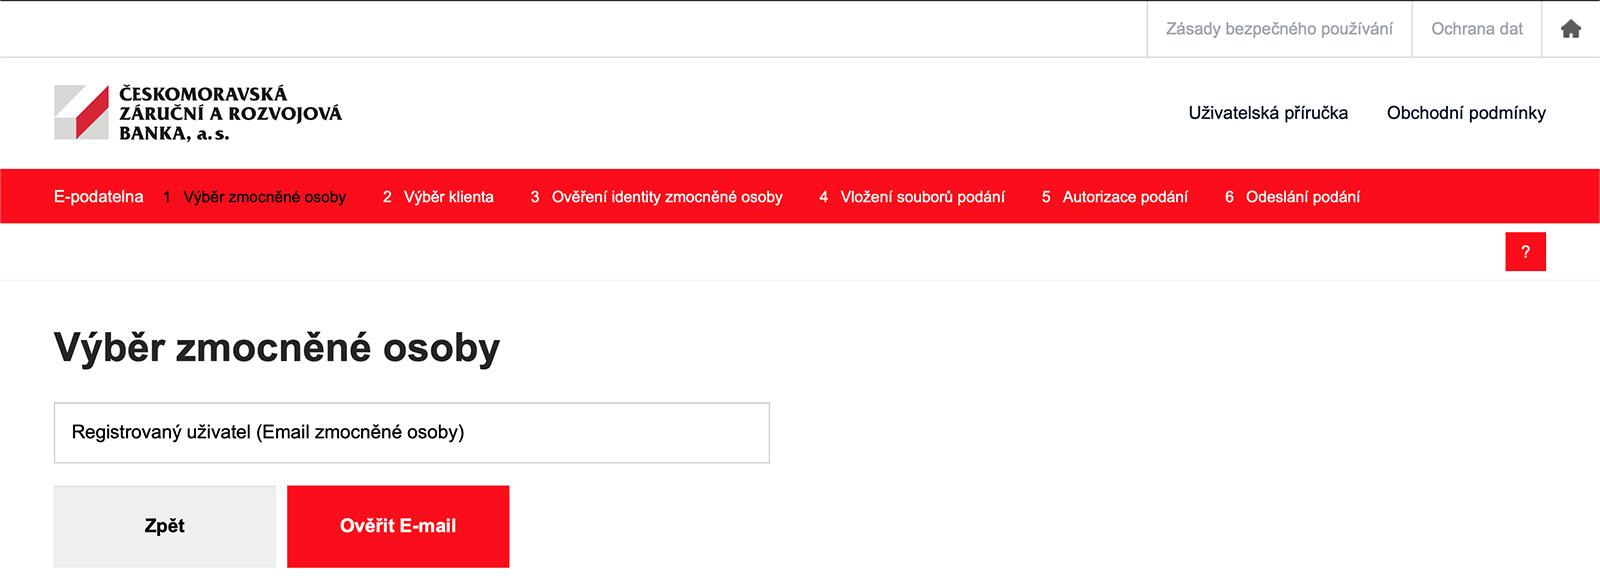 E-podatelna pro podávání žádostí na webu www.cmzrb.cz